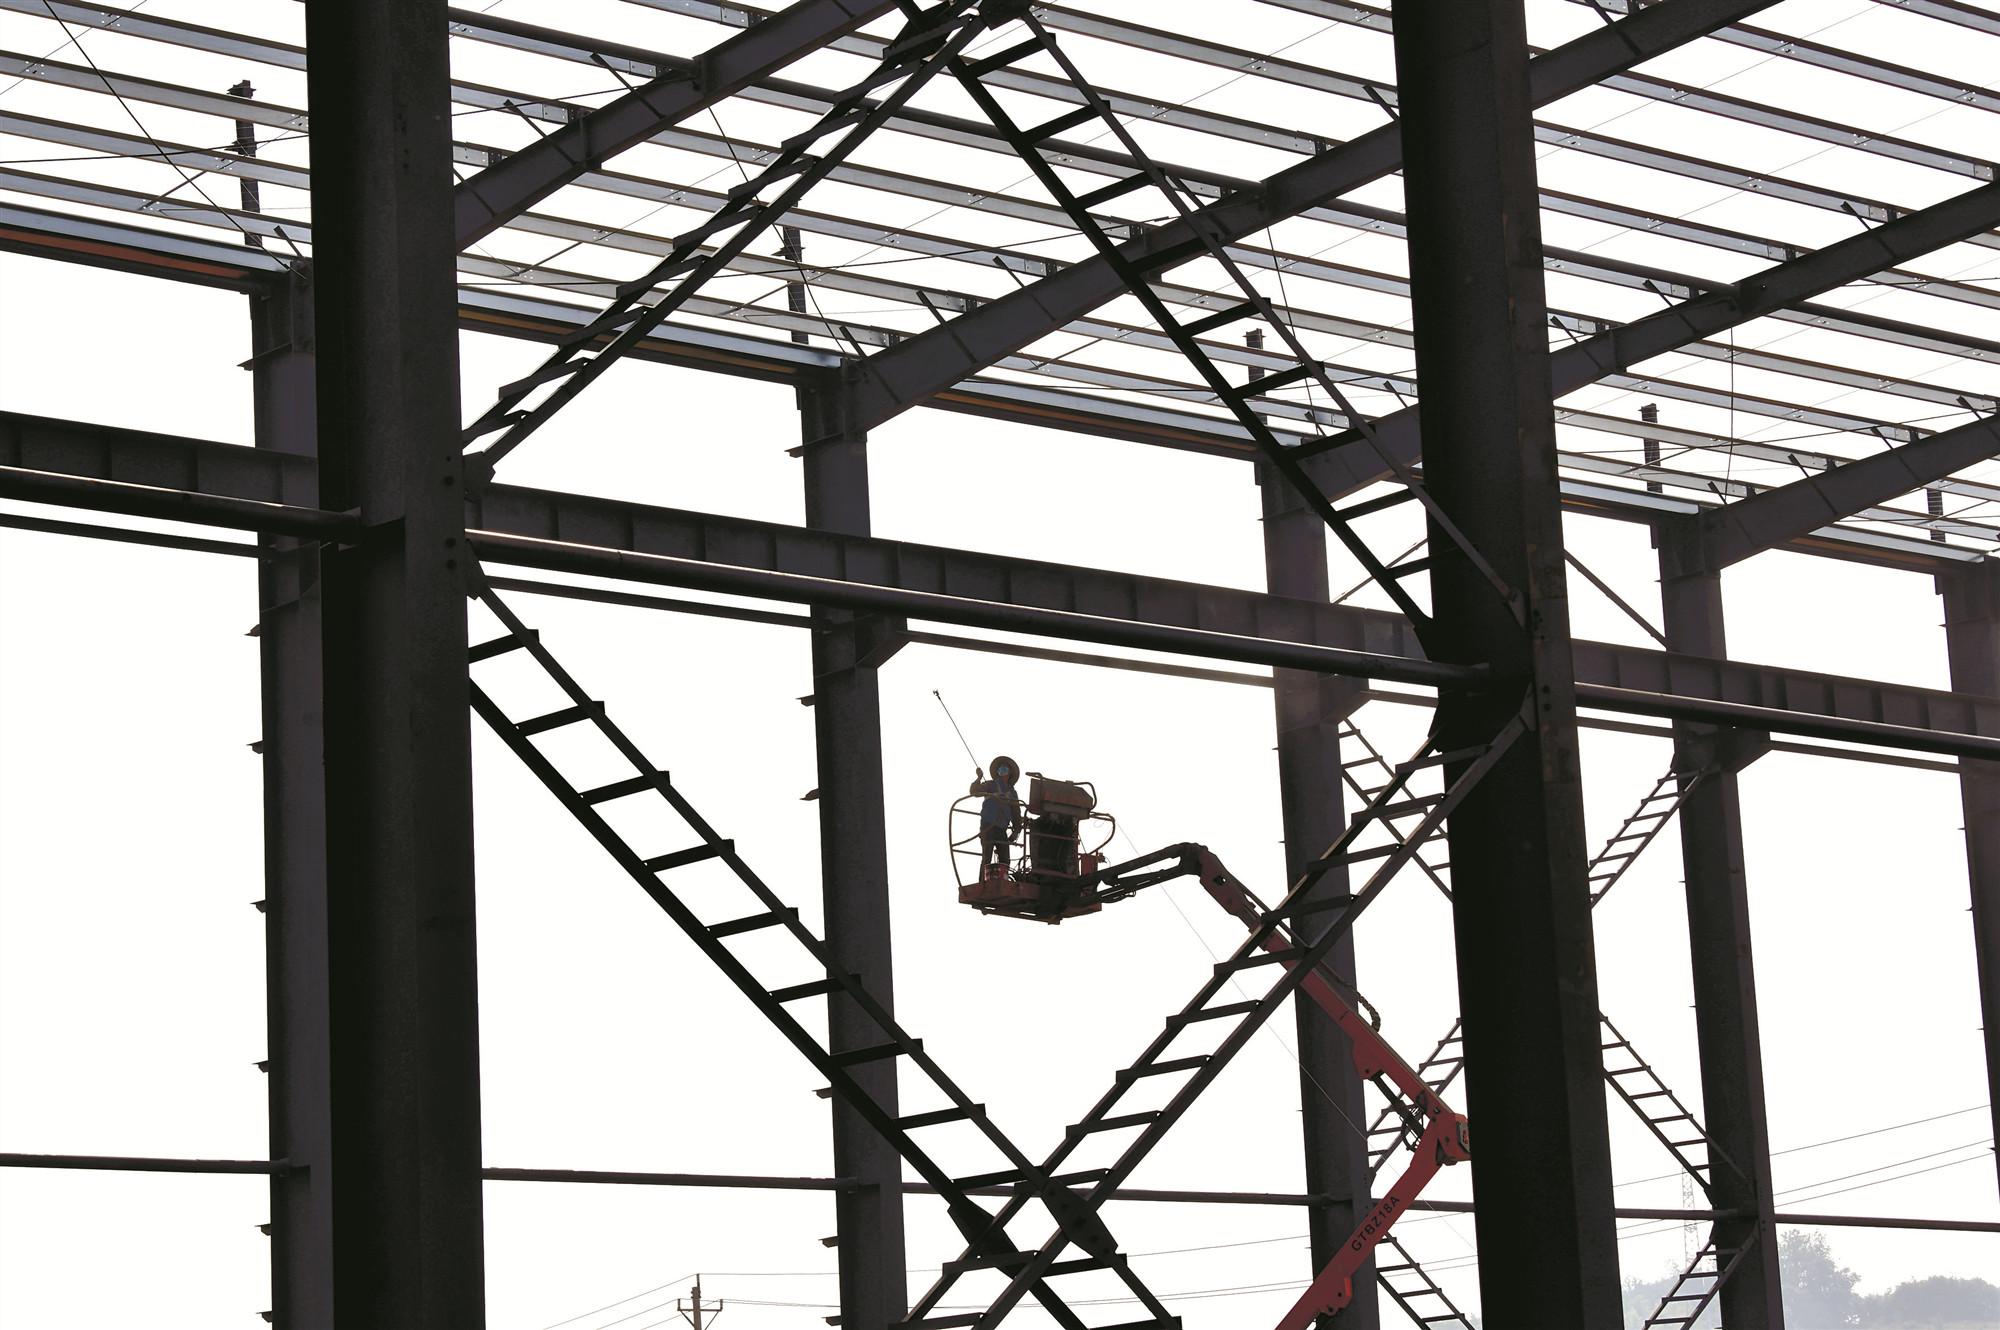 咸安开发区:加紧建设厂房